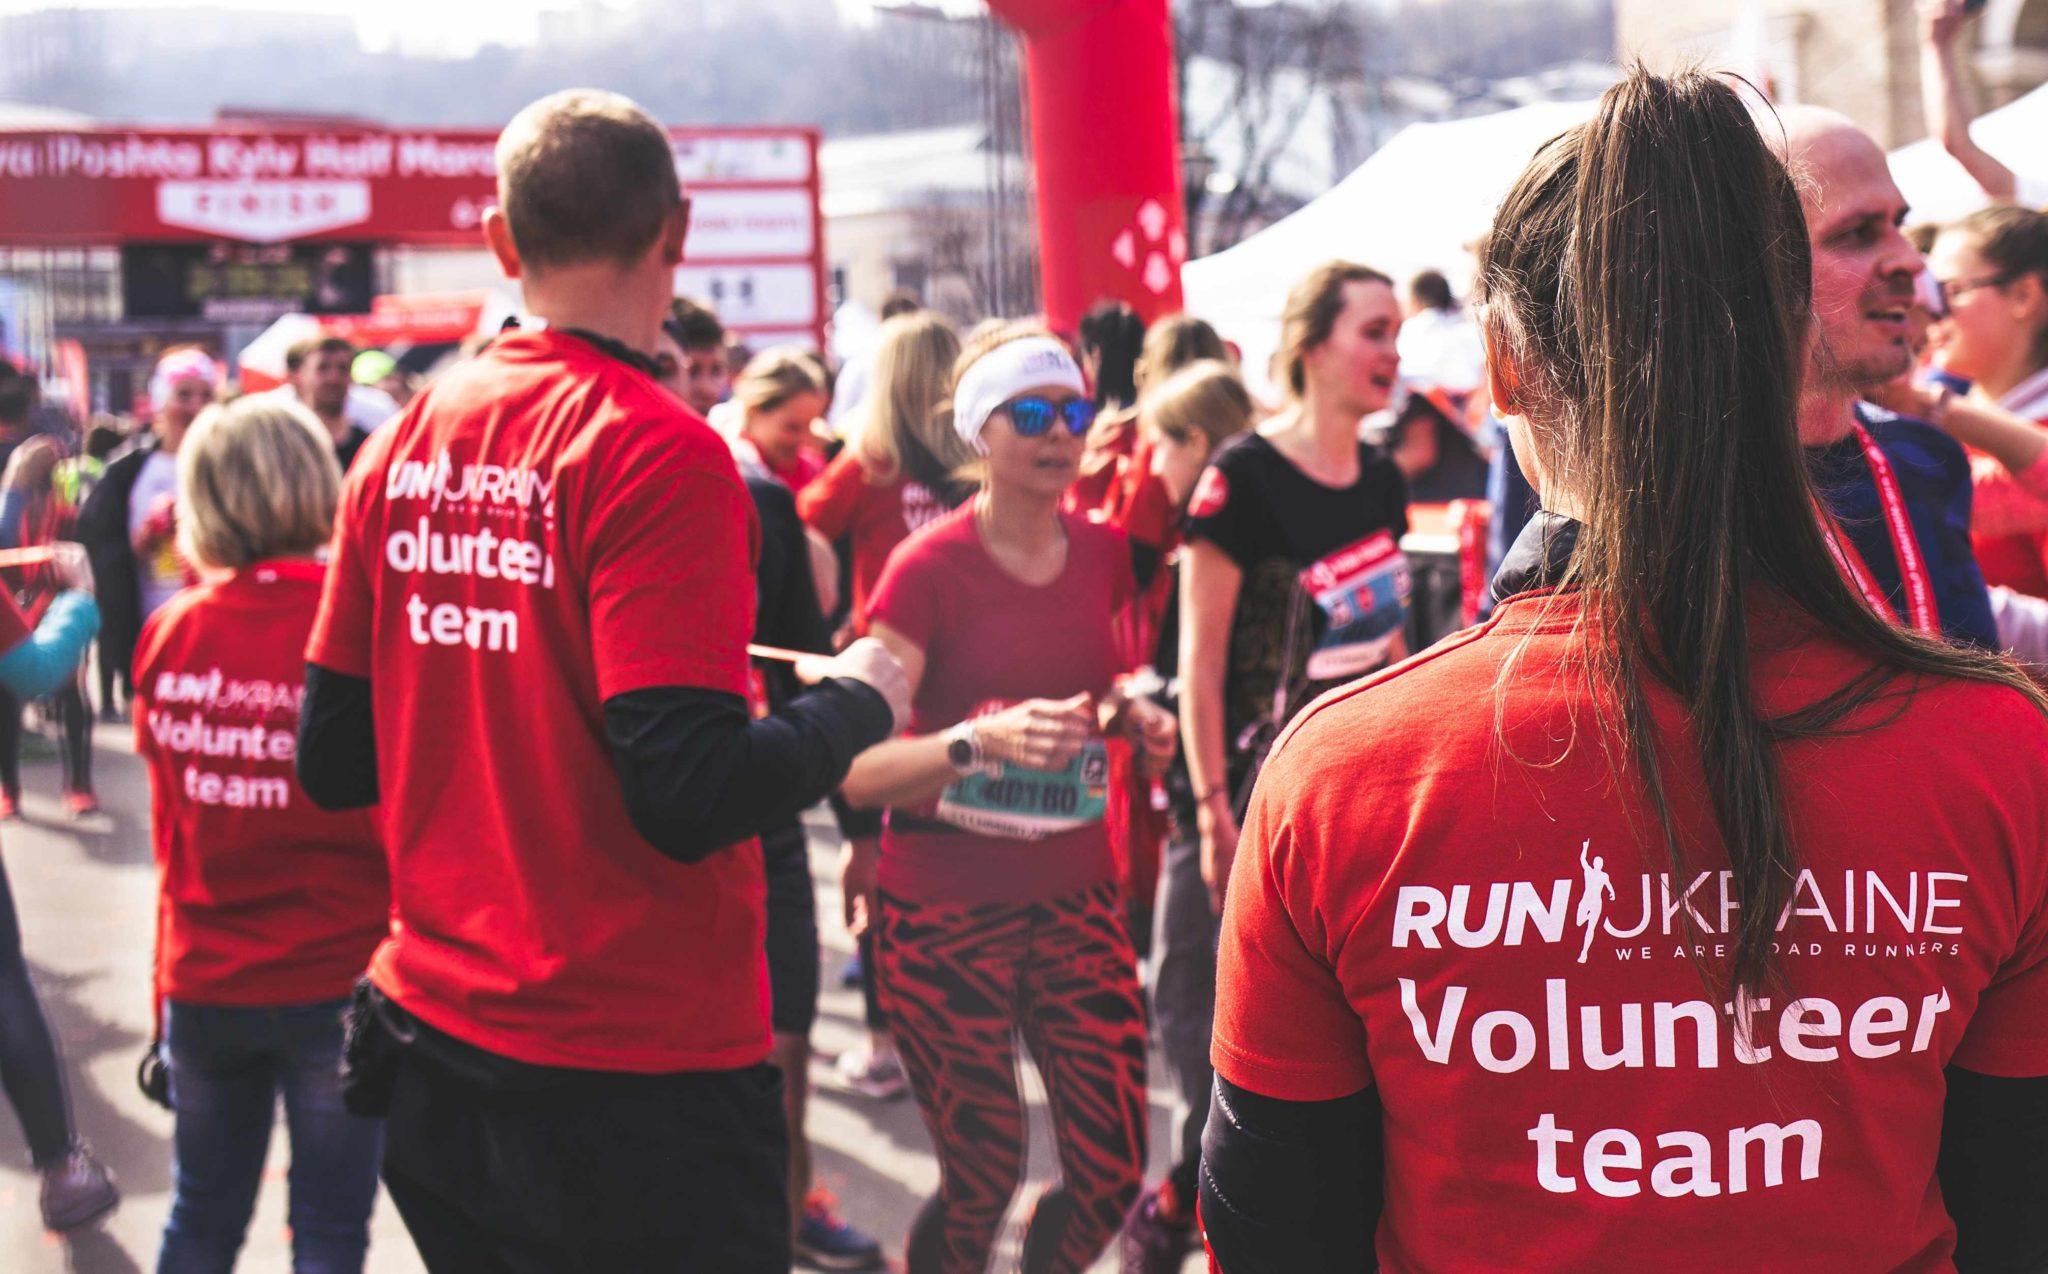 Lee más sobre el artículo Cómo crear un equipo de voluntariado sin vergüenzas y con actitud fundraiser